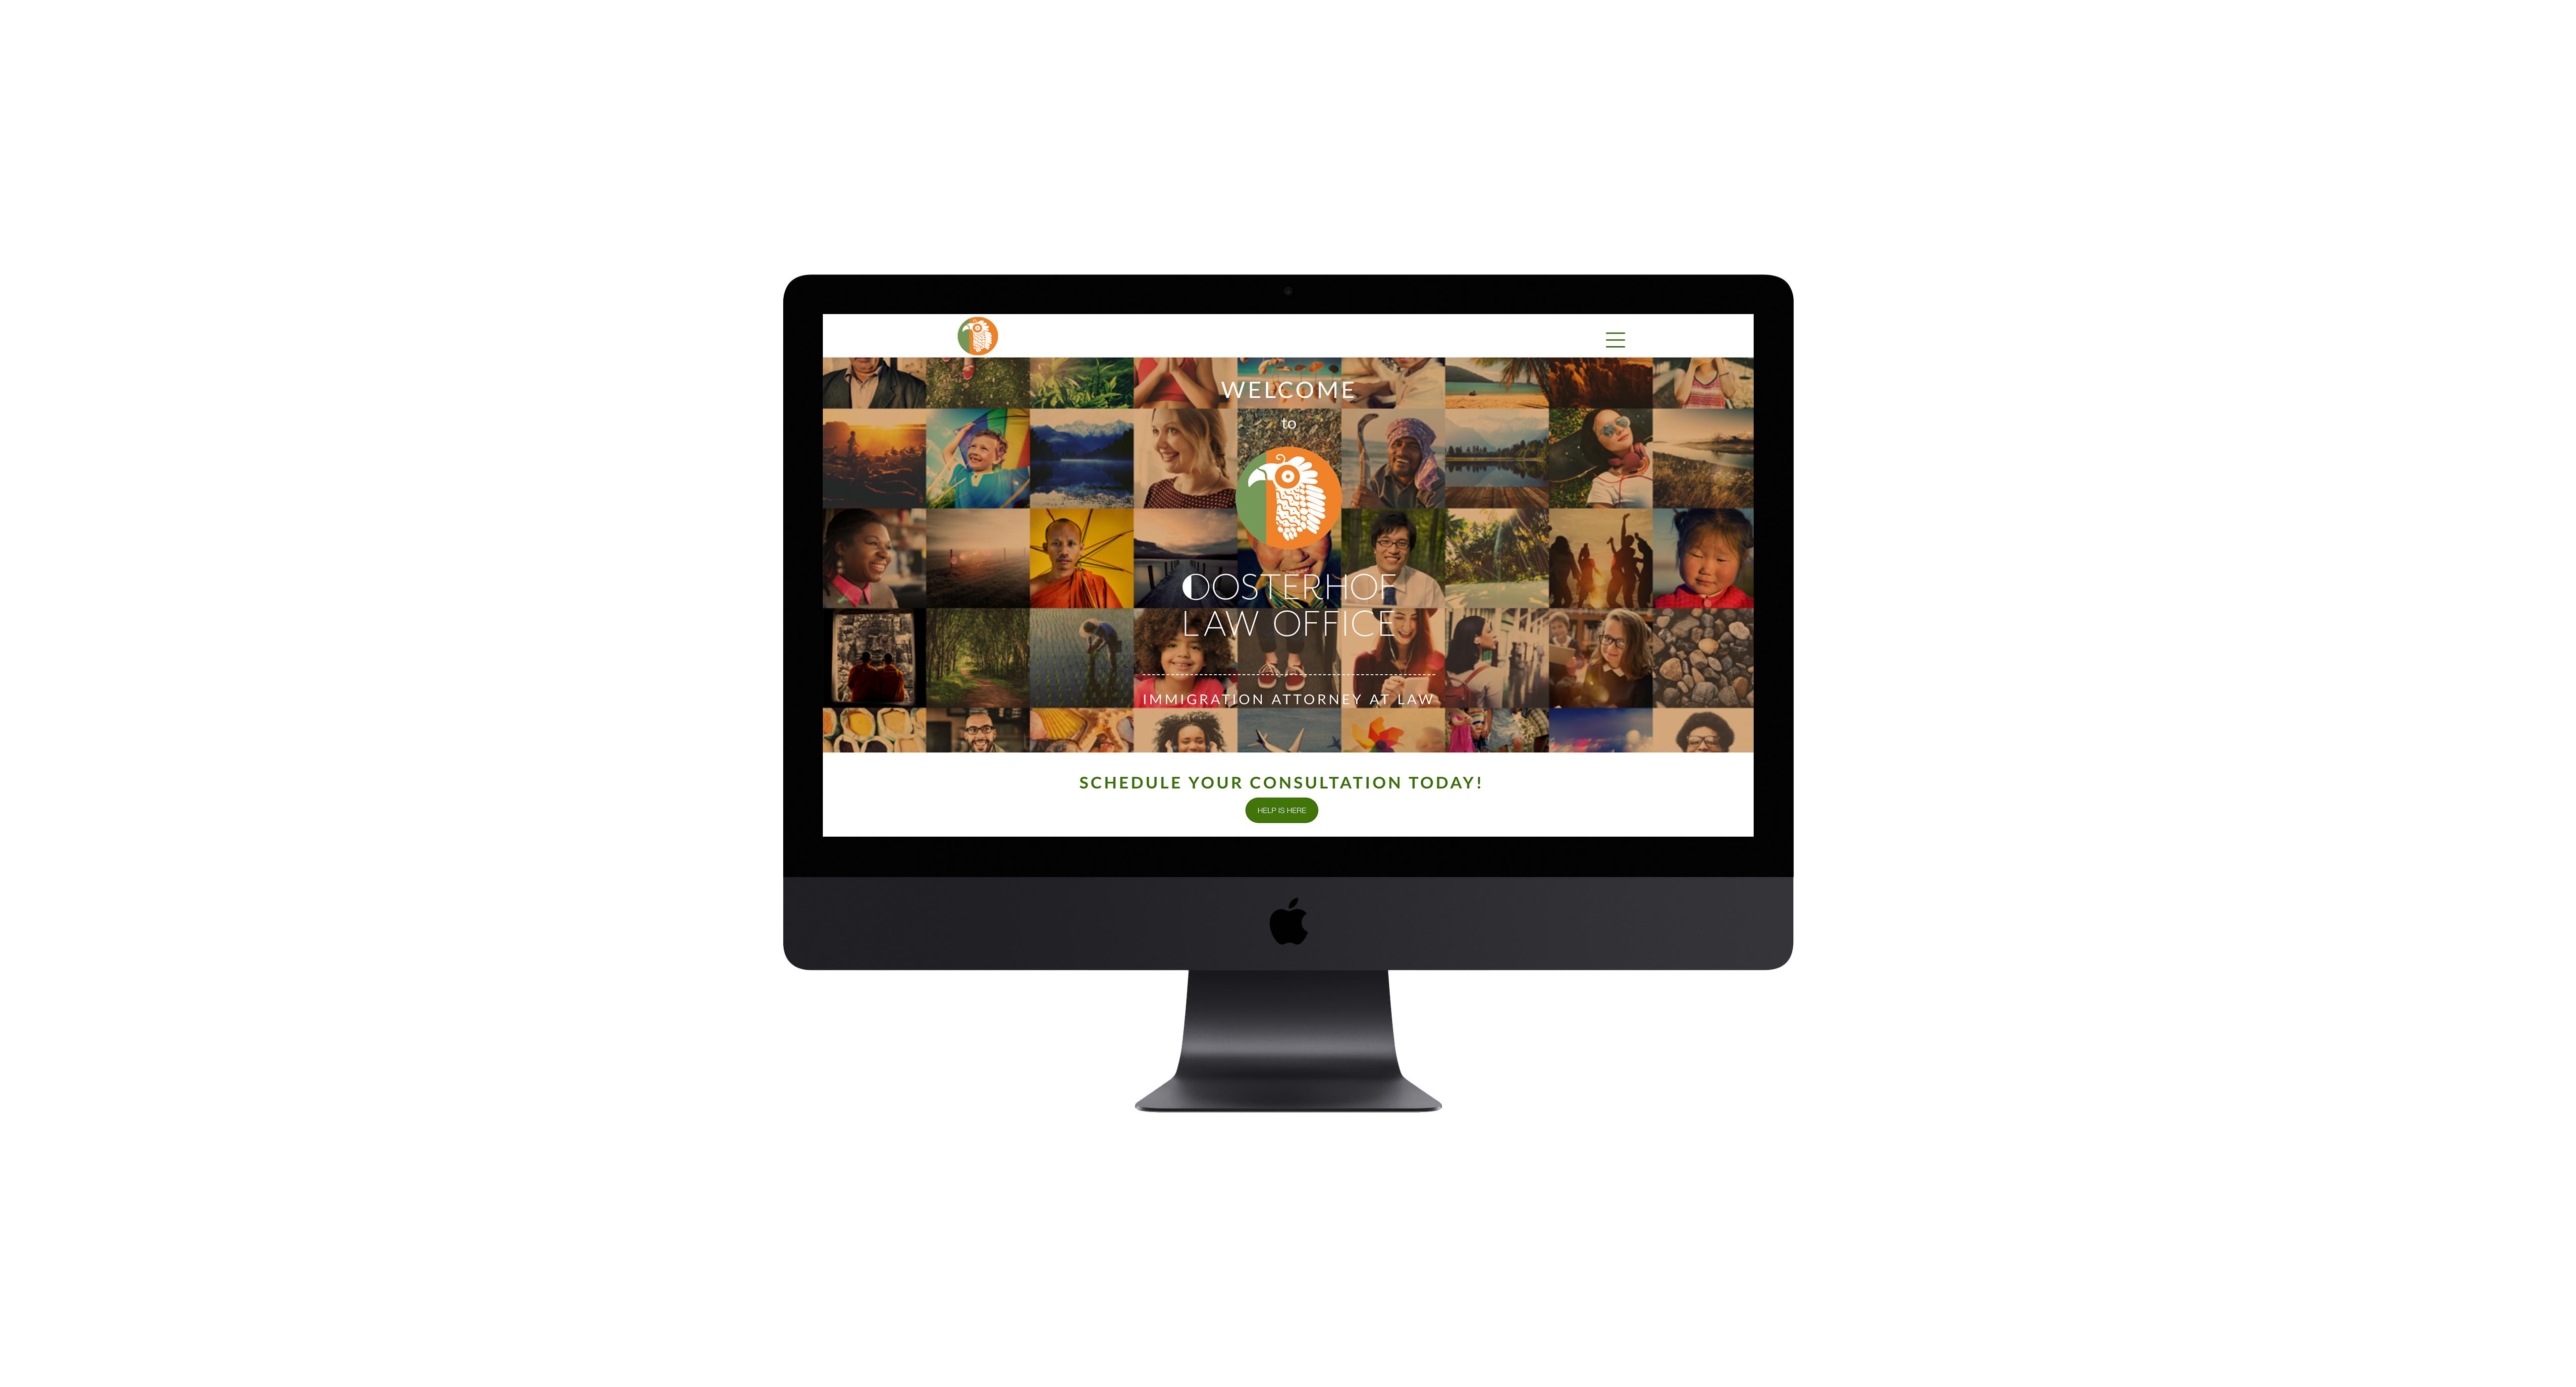 Oosterhof Law Office Website